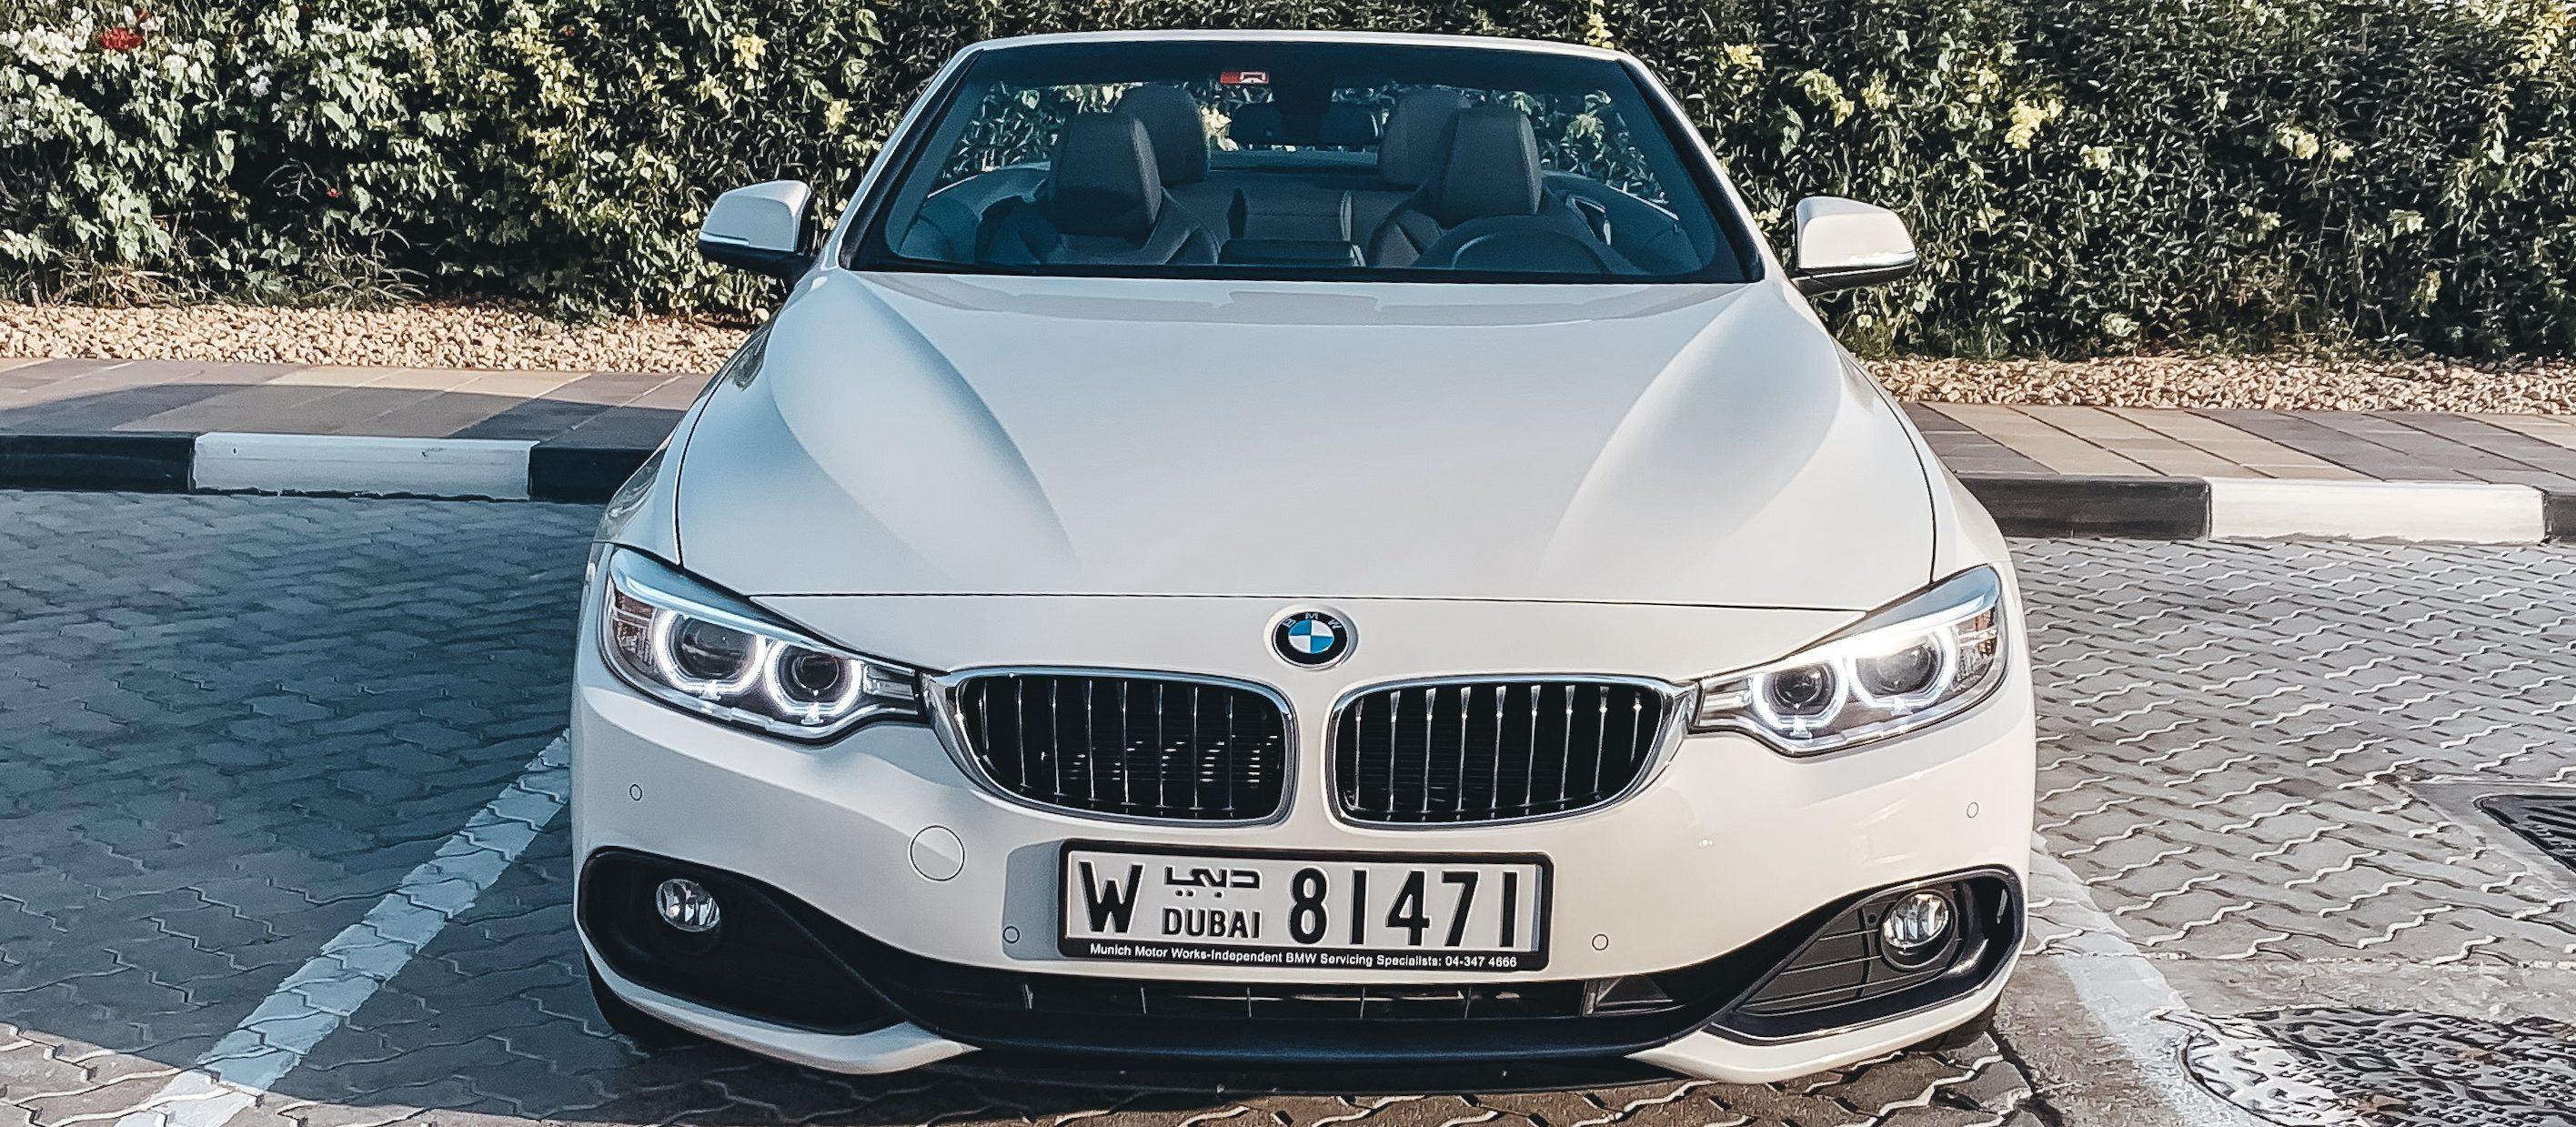 BMW 420i Cabrio in white color